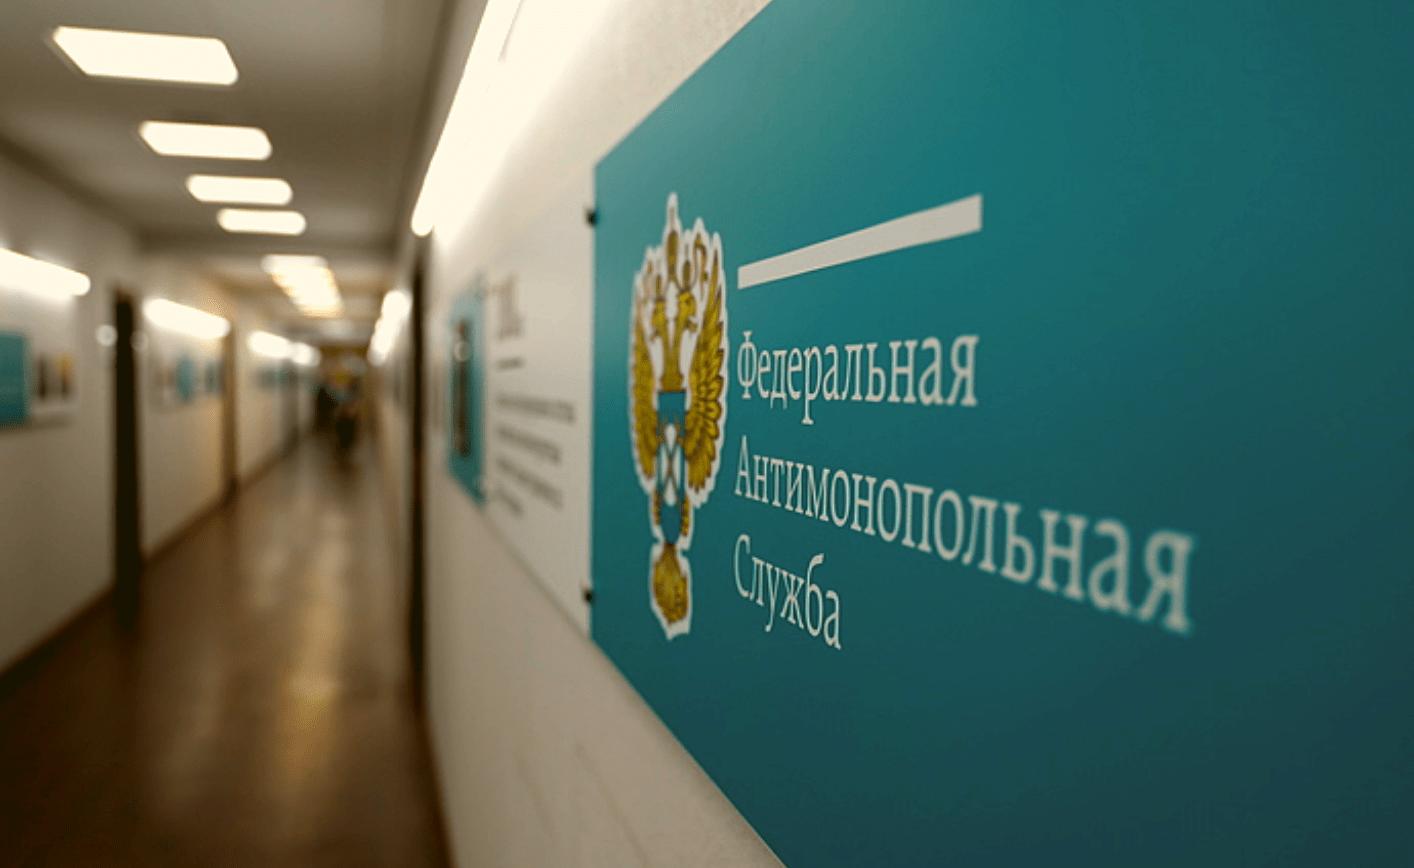 ФАС России сообщает о первых результатах расследования на рынке металлоконструкций